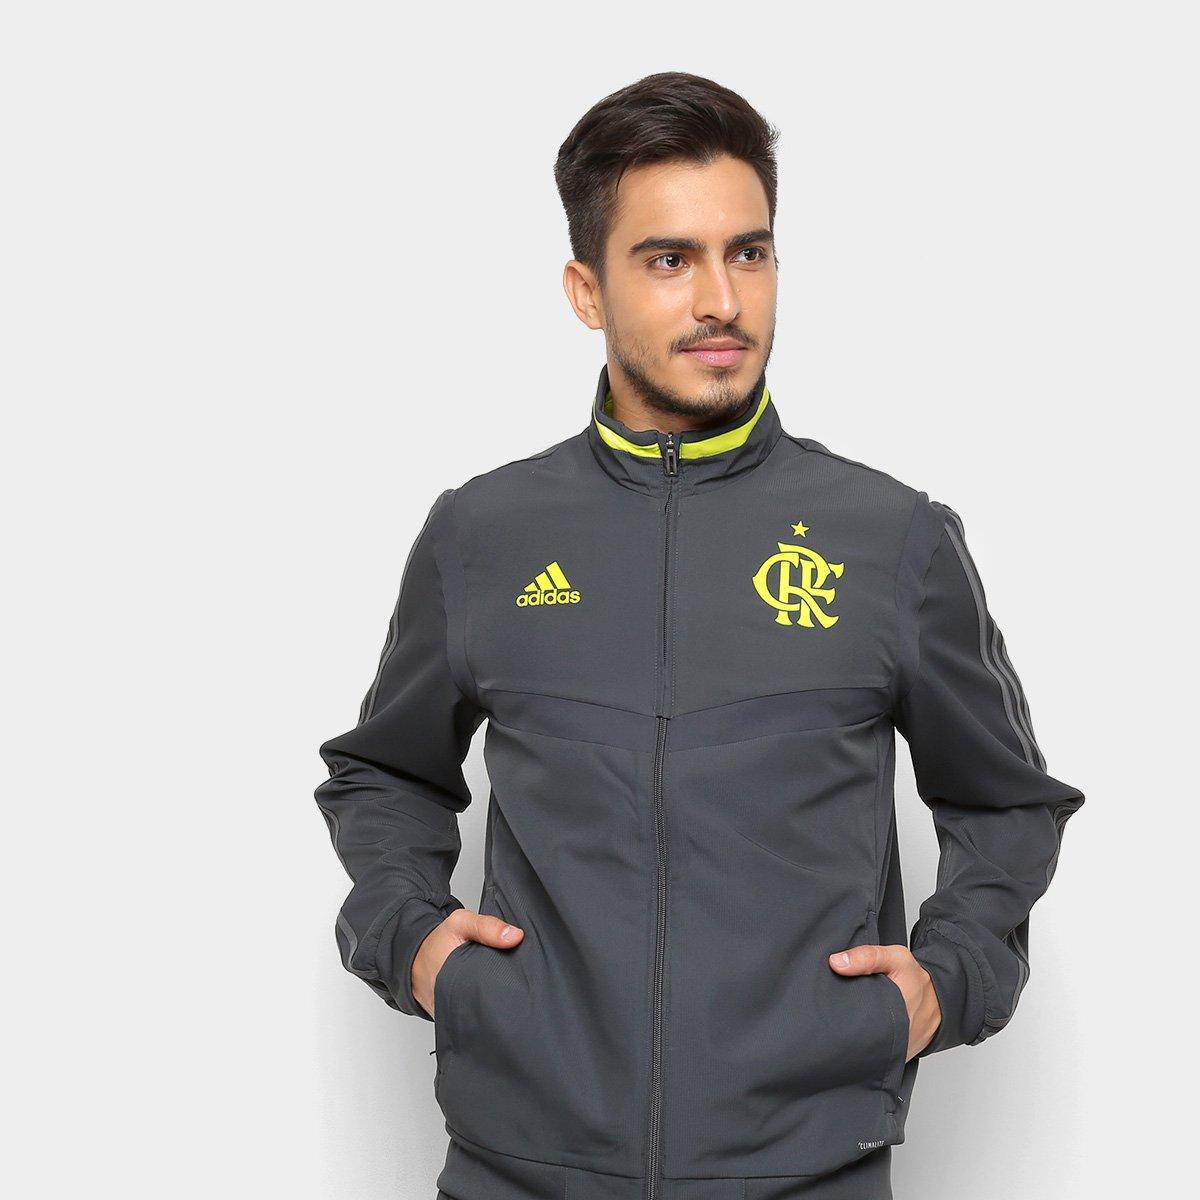 Jaqueta Flamengo Adidas Masculina - Chumbo - Compre Agora  43952f527c1ae